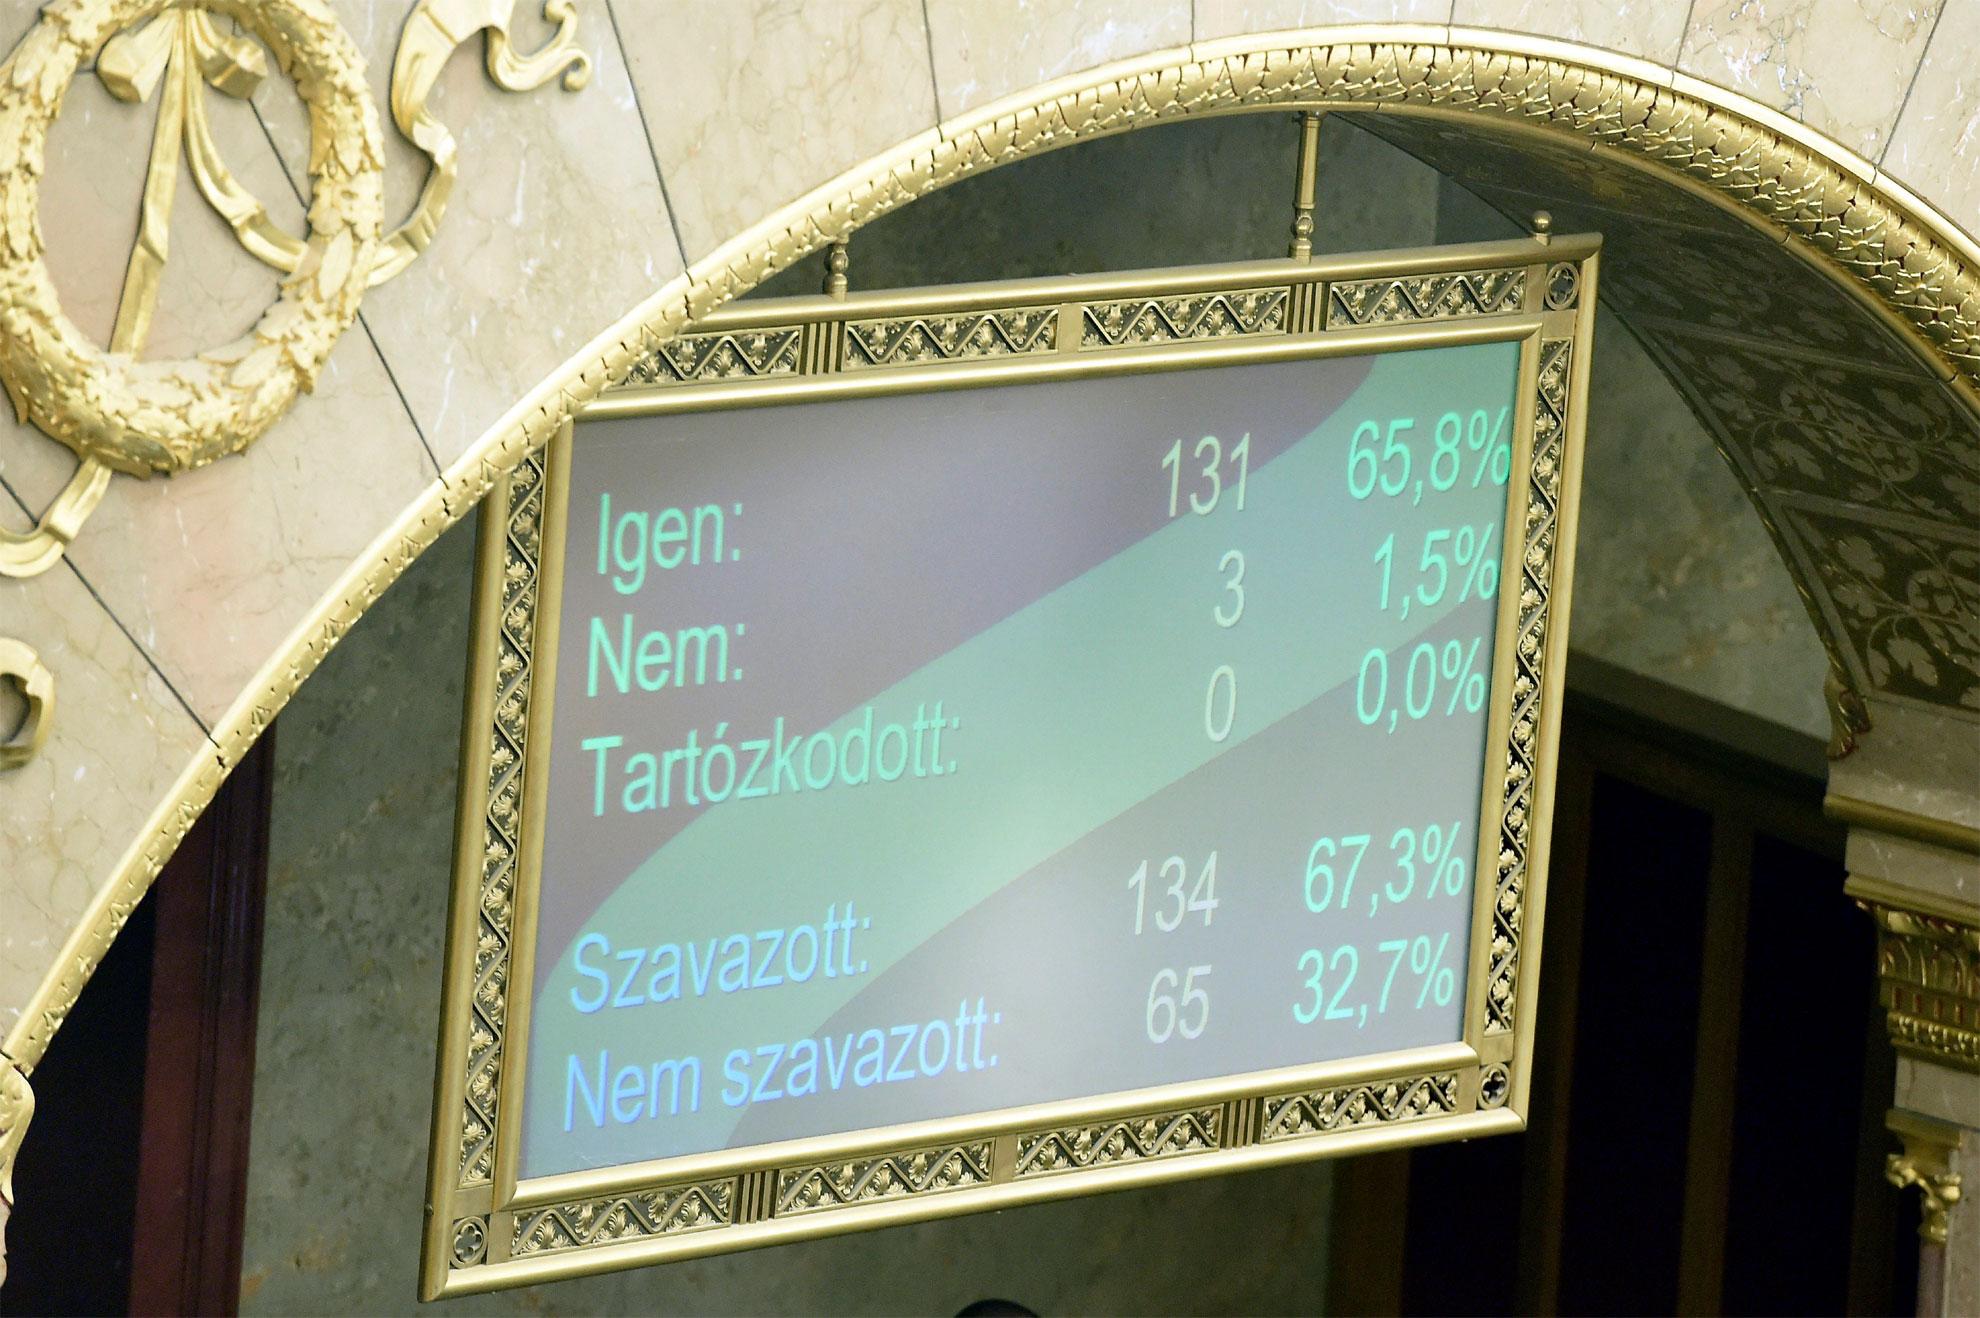 Az alaptörvény hetedik módosításáról szóló szavazás eredménye egy kijelzőn az Országgyűlés plenáris ülésén (MTI-fotó)